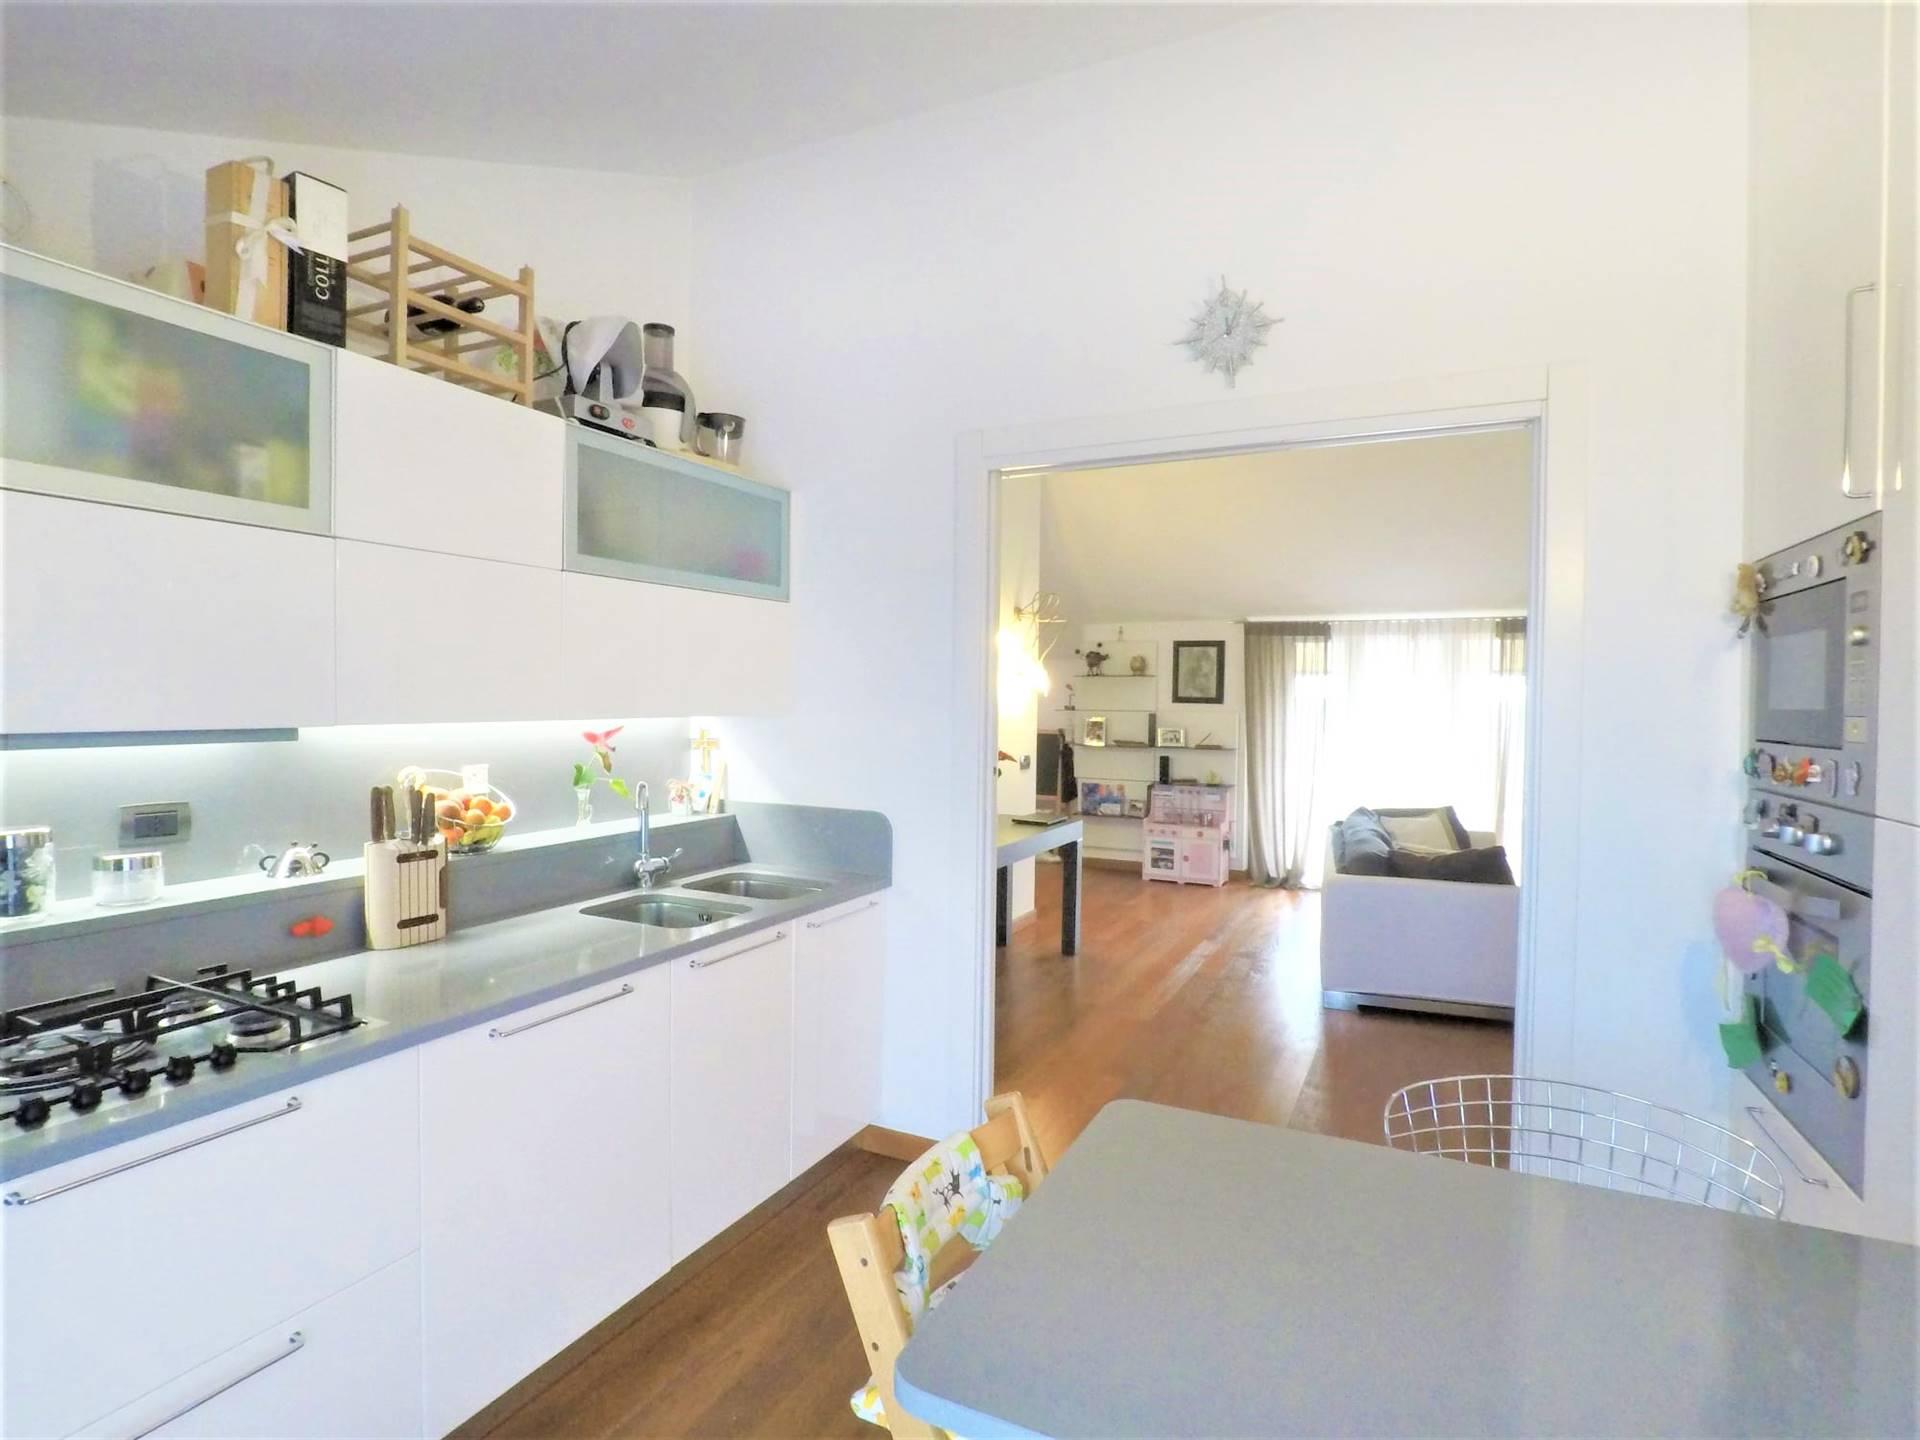 Appartamento in vendita a Treviolo, 3 locali, prezzo € 280.000 | PortaleAgenzieImmobiliari.it